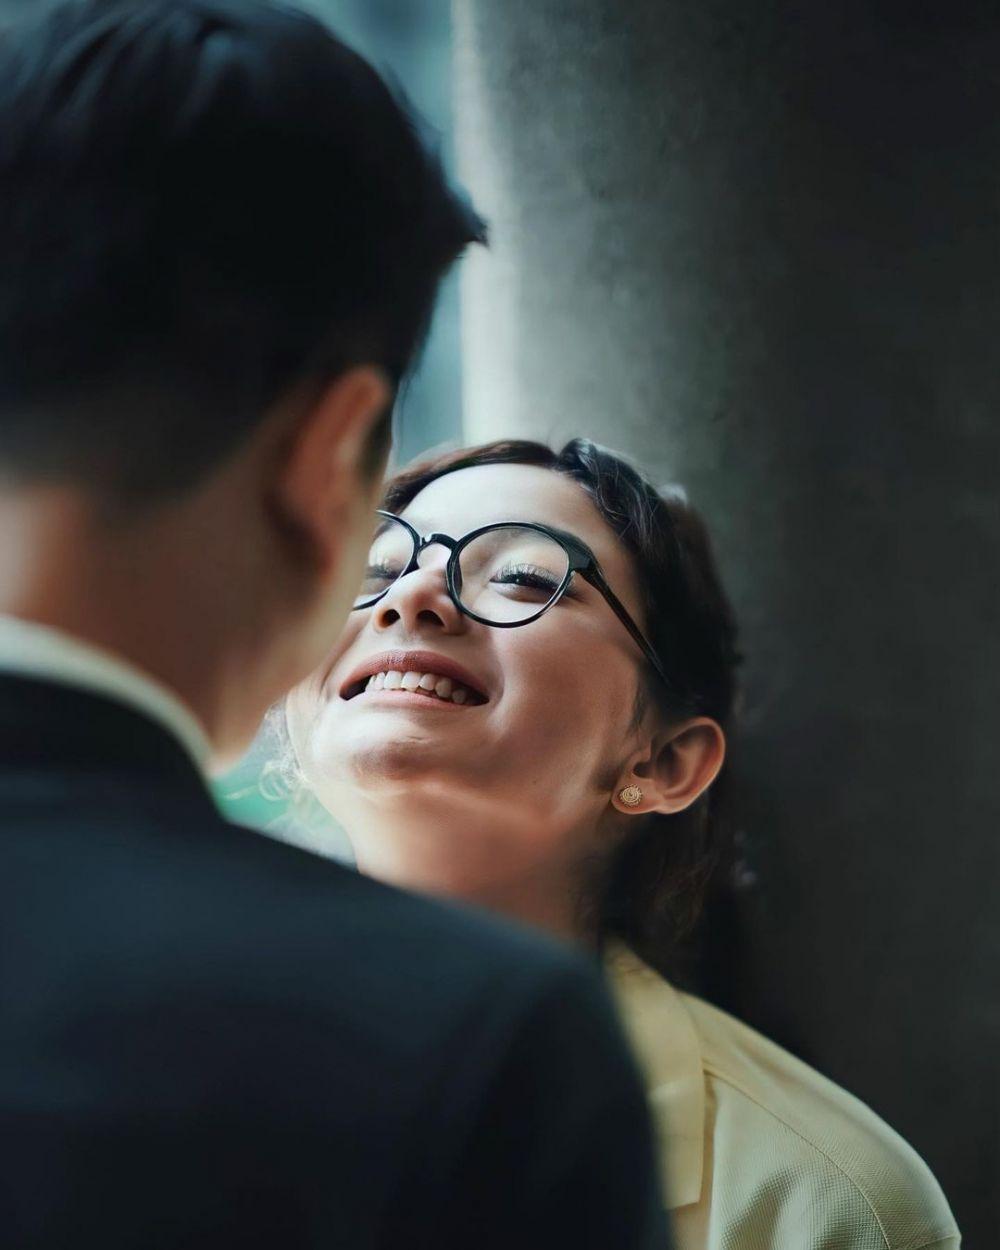 8 Potret Kedekatan Glenca Chysara & Rendi Jhon, Ada Hubungan Spesial?